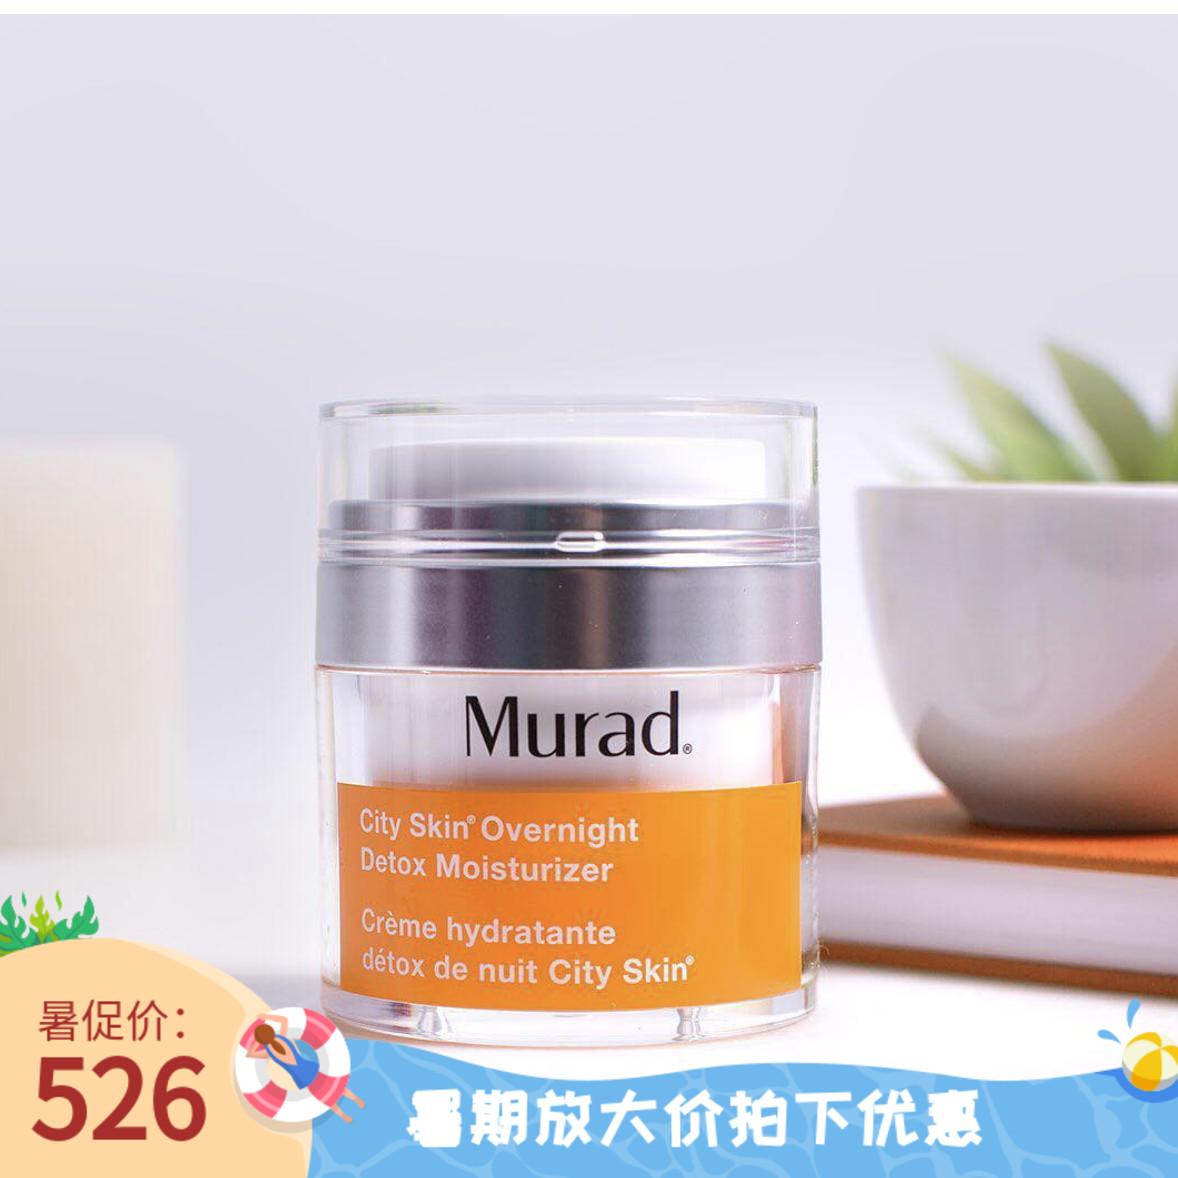 拍下惊喜价【官网购入】Murad慕拉得夜间修复保湿霜50ml 抗老紧致